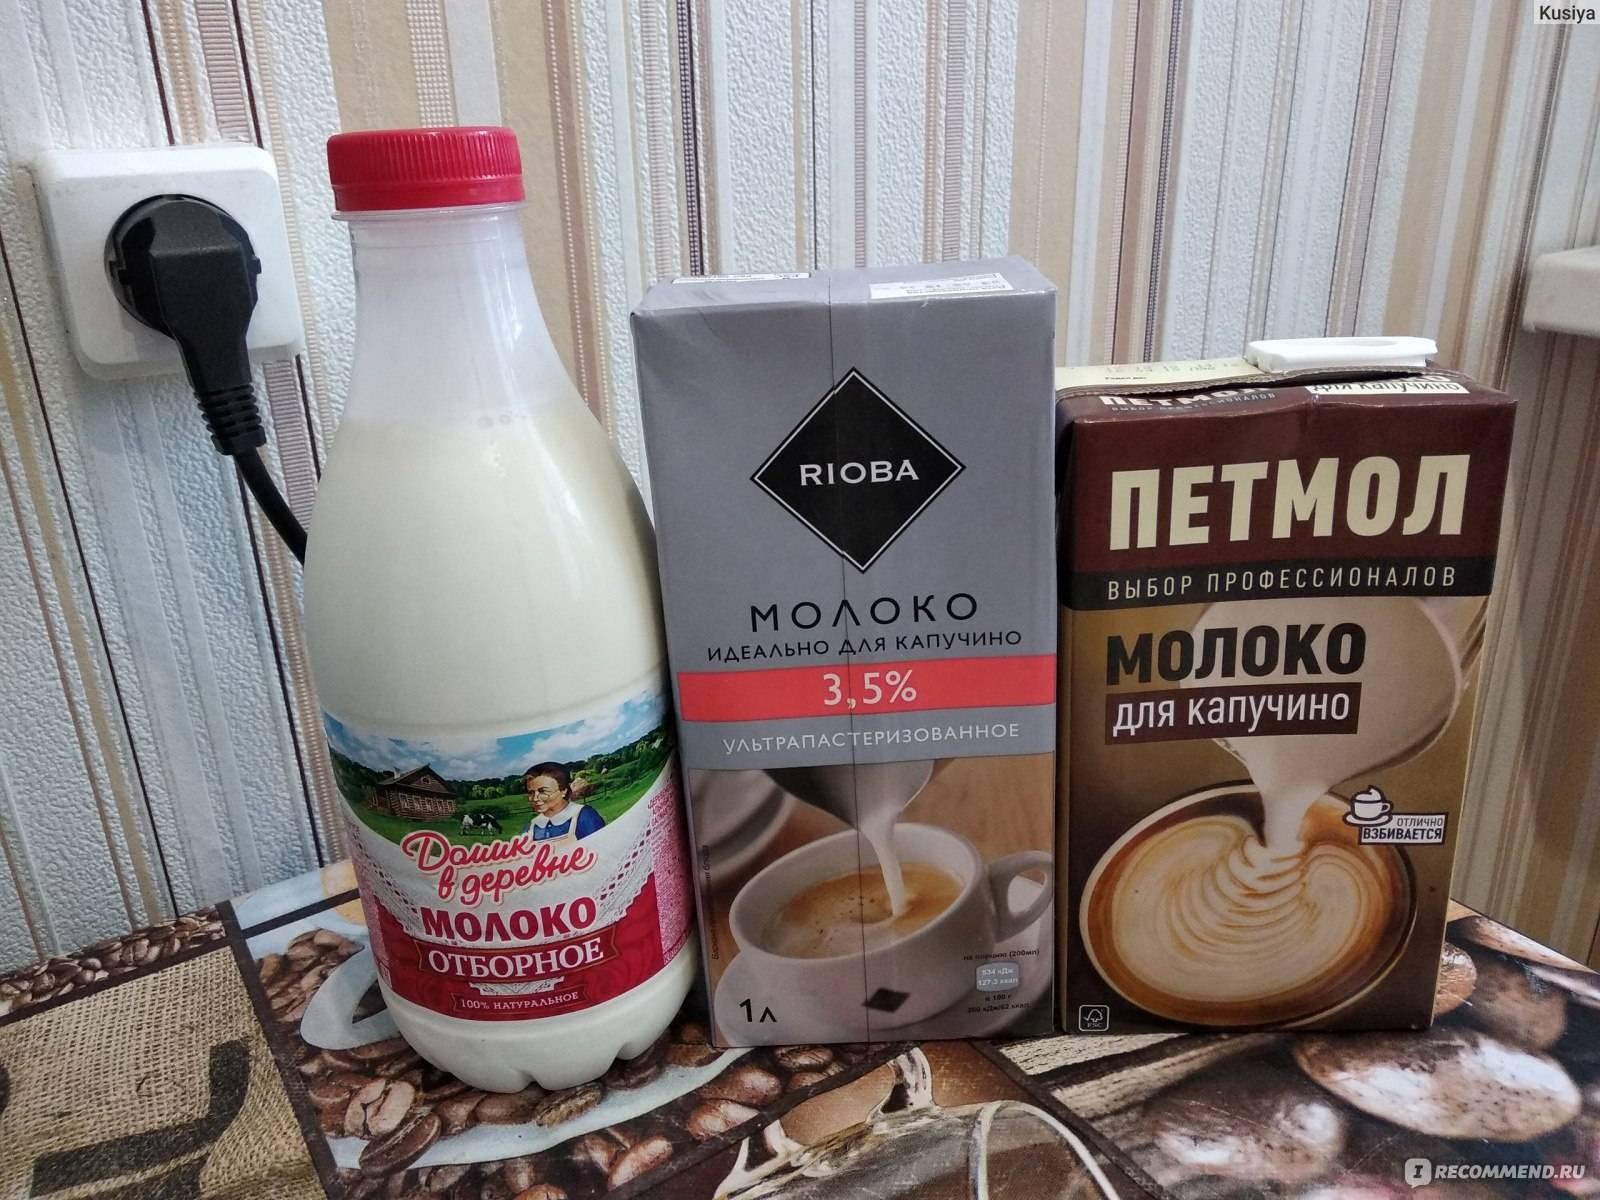 Молоко для капучино: какое выбрать